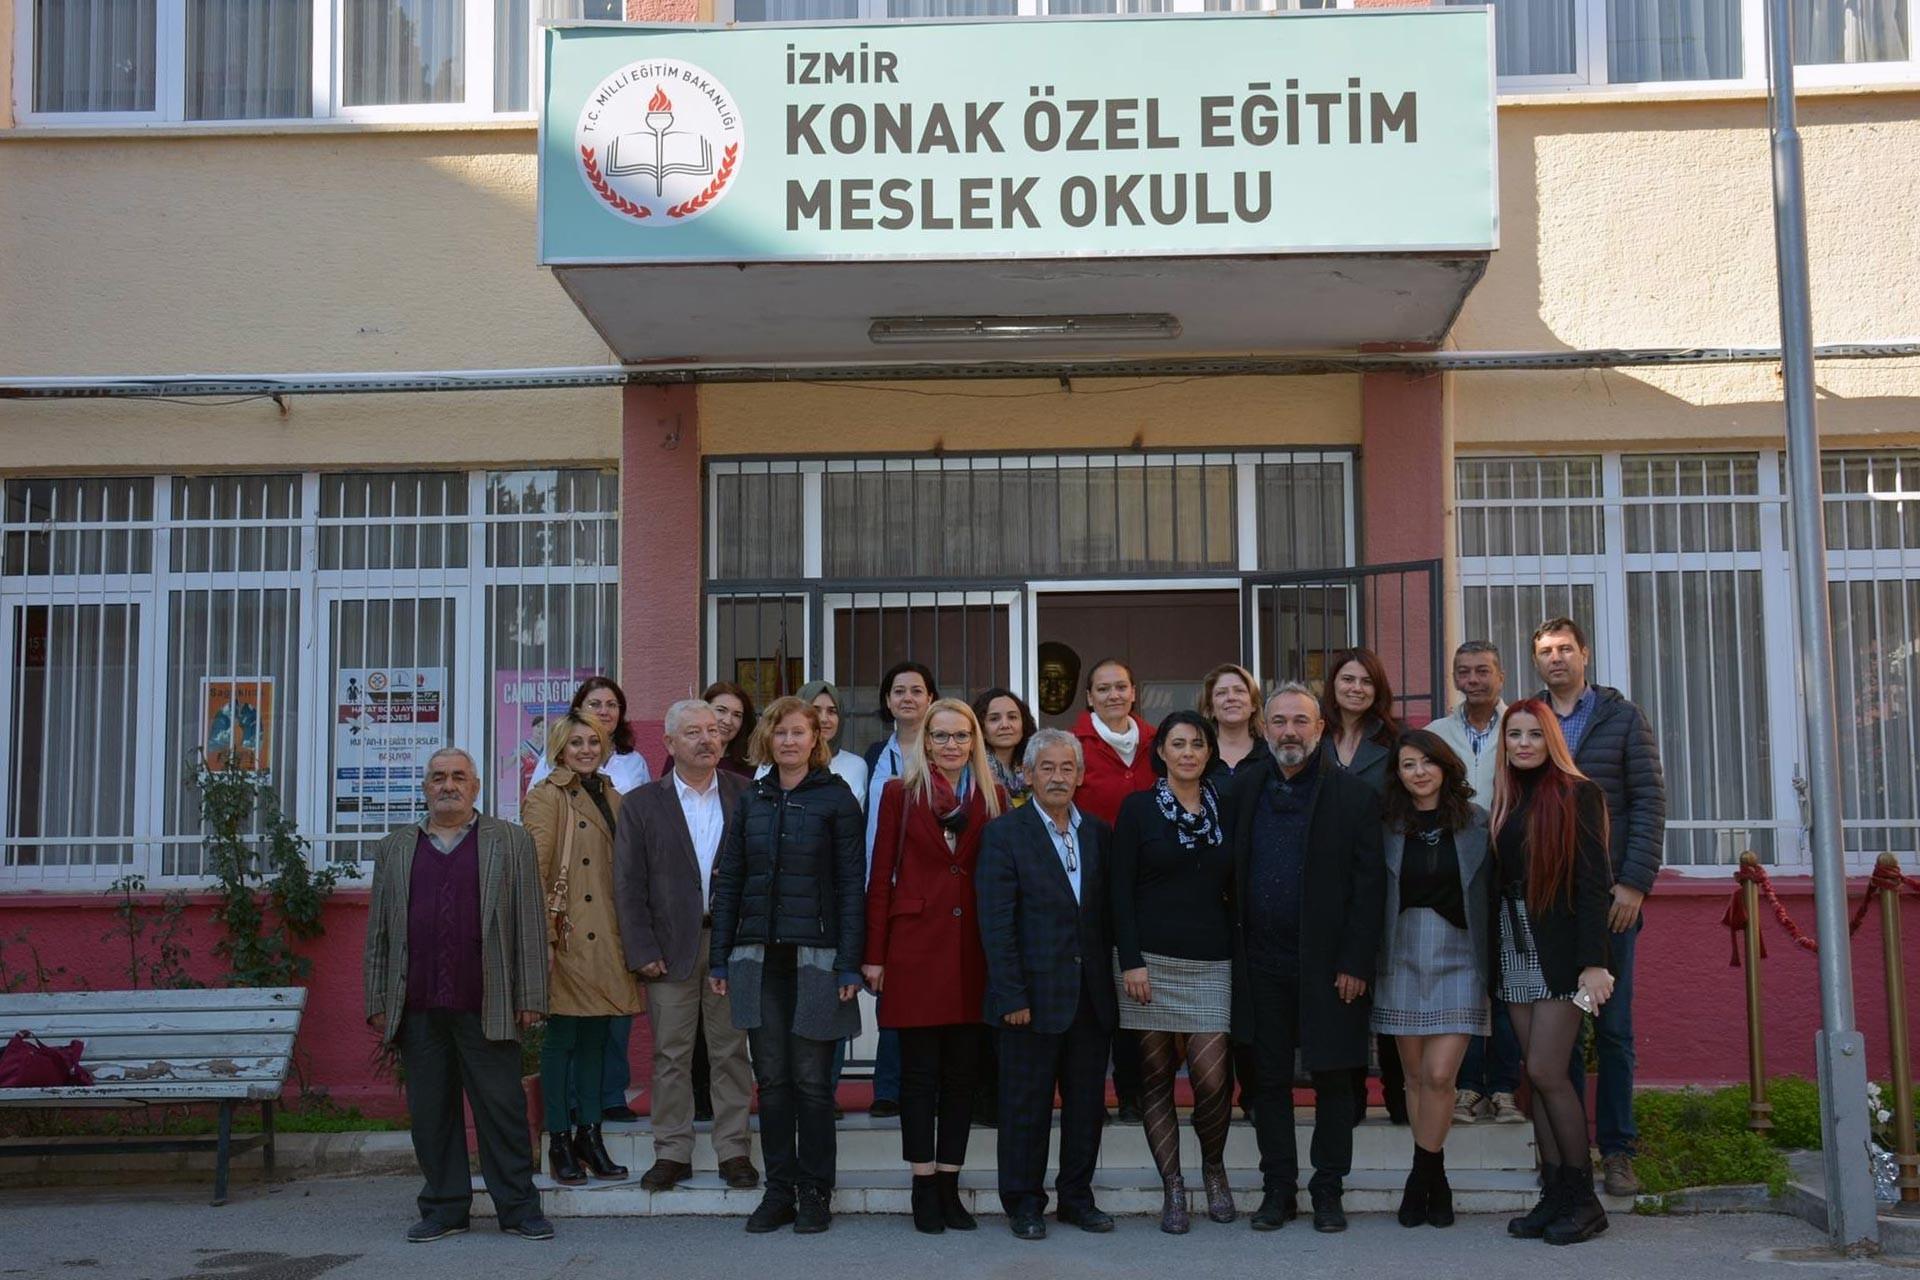 İzmir Barosu yöneticileri, Konak Özel Eğitim Meslek Okulu binası önünde poz veriyor